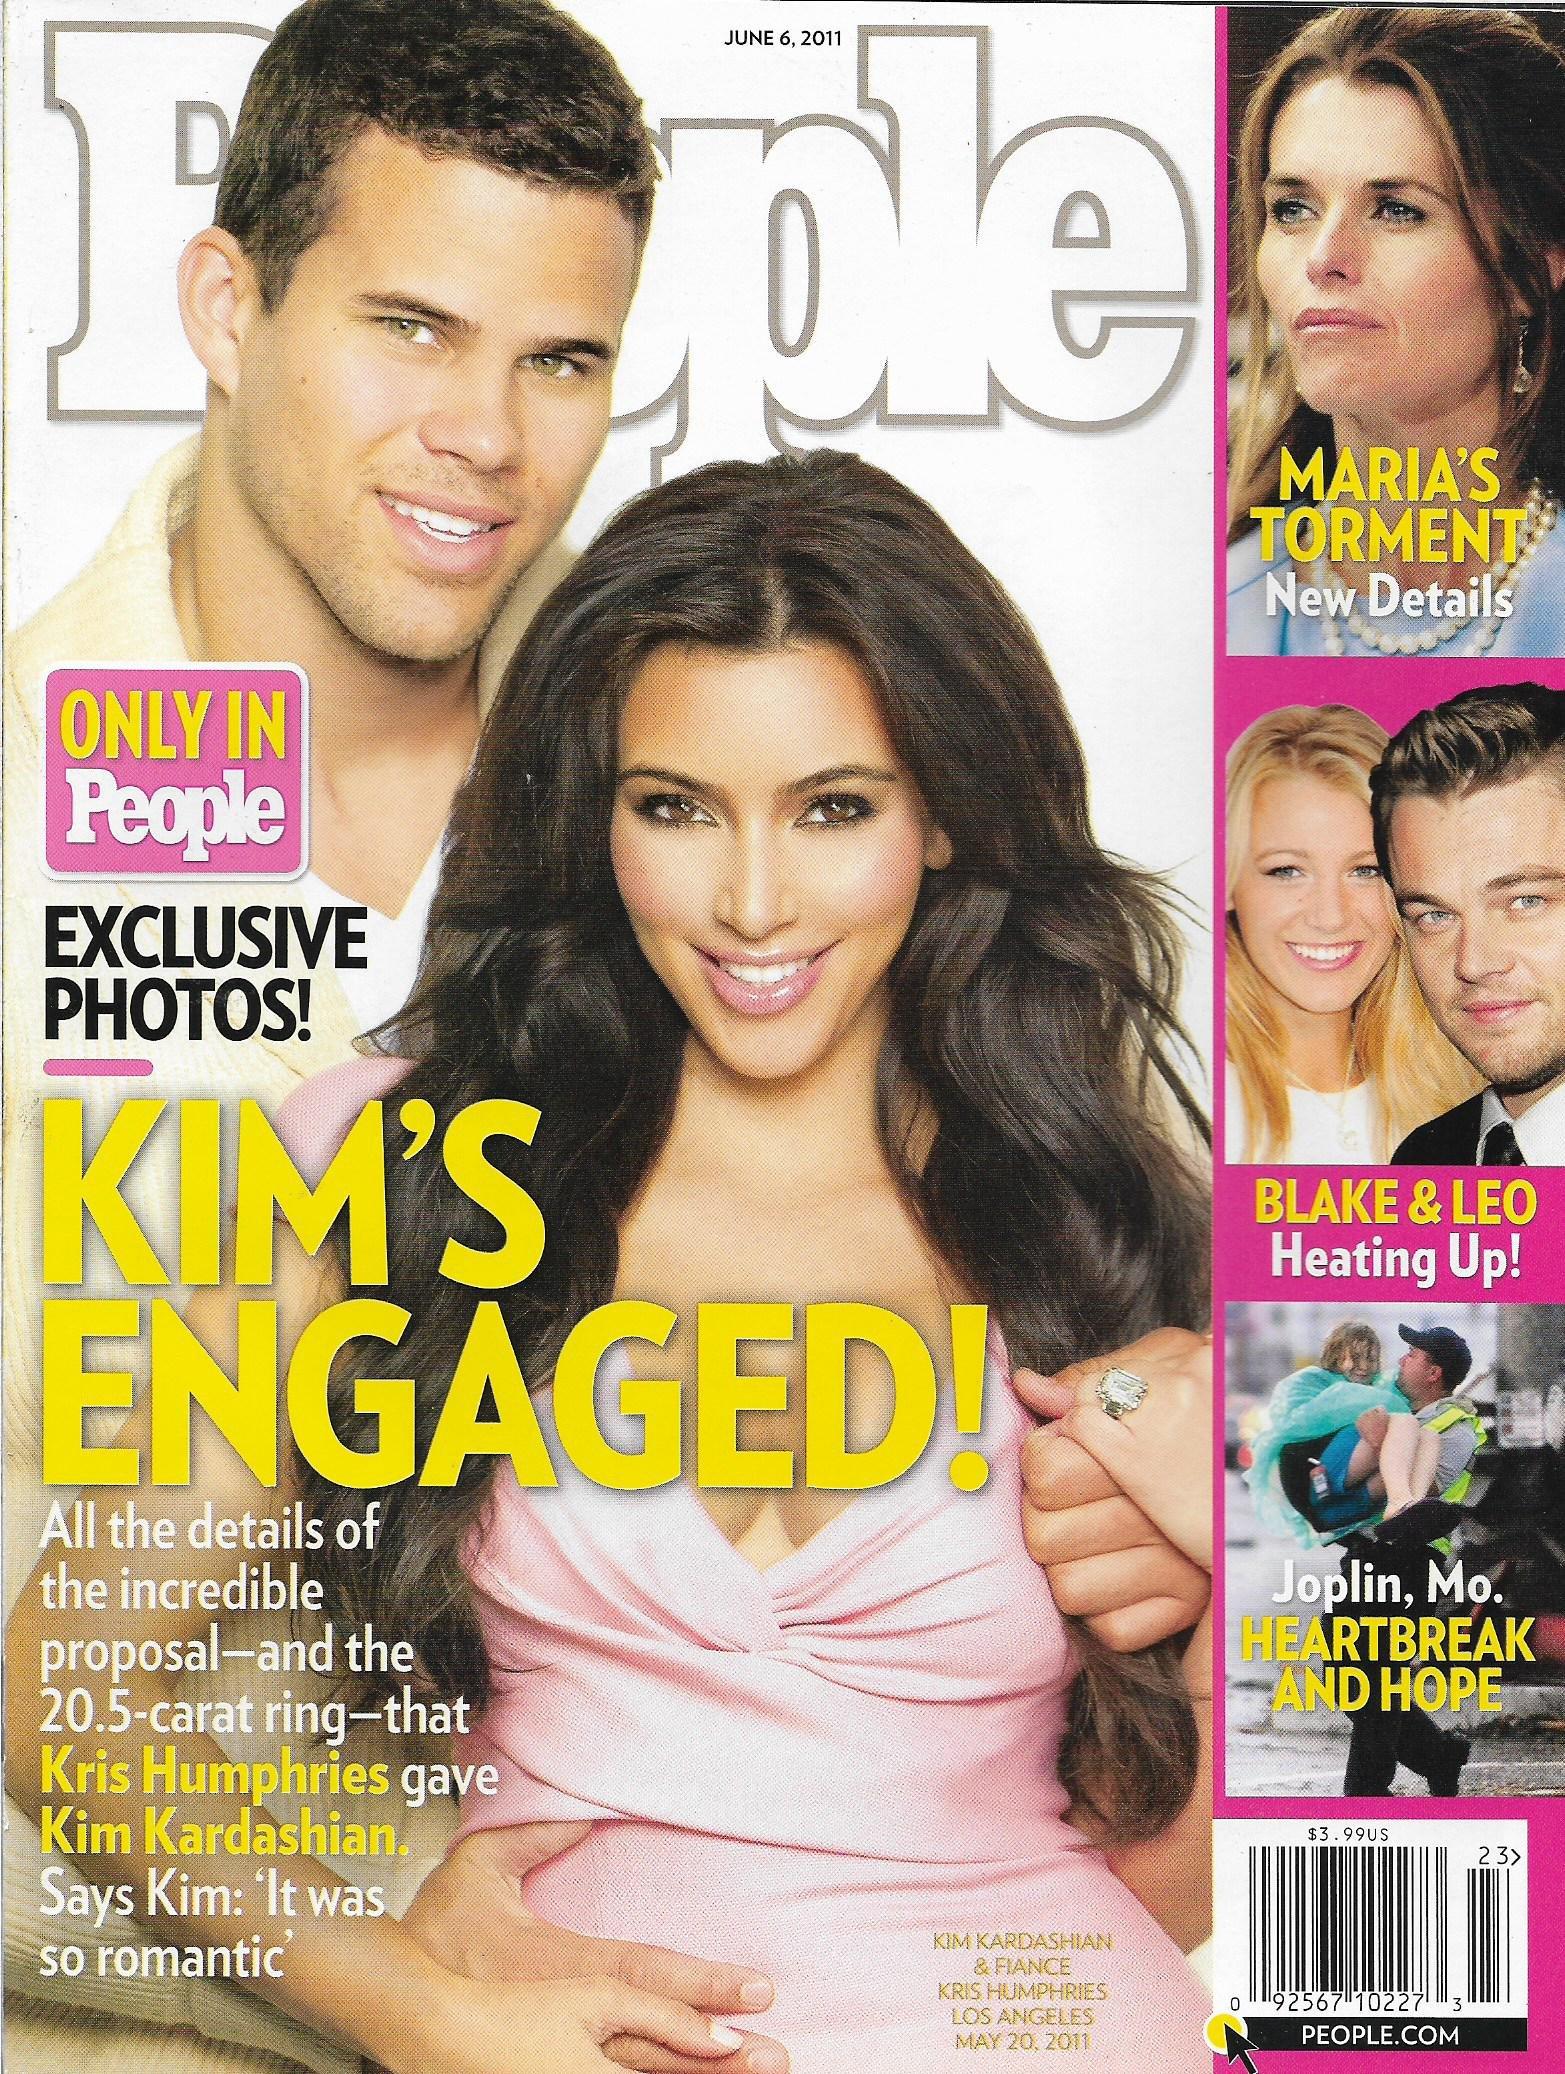 Kim Kardashian Kris Humphries L Joplin Missouri Tornado L